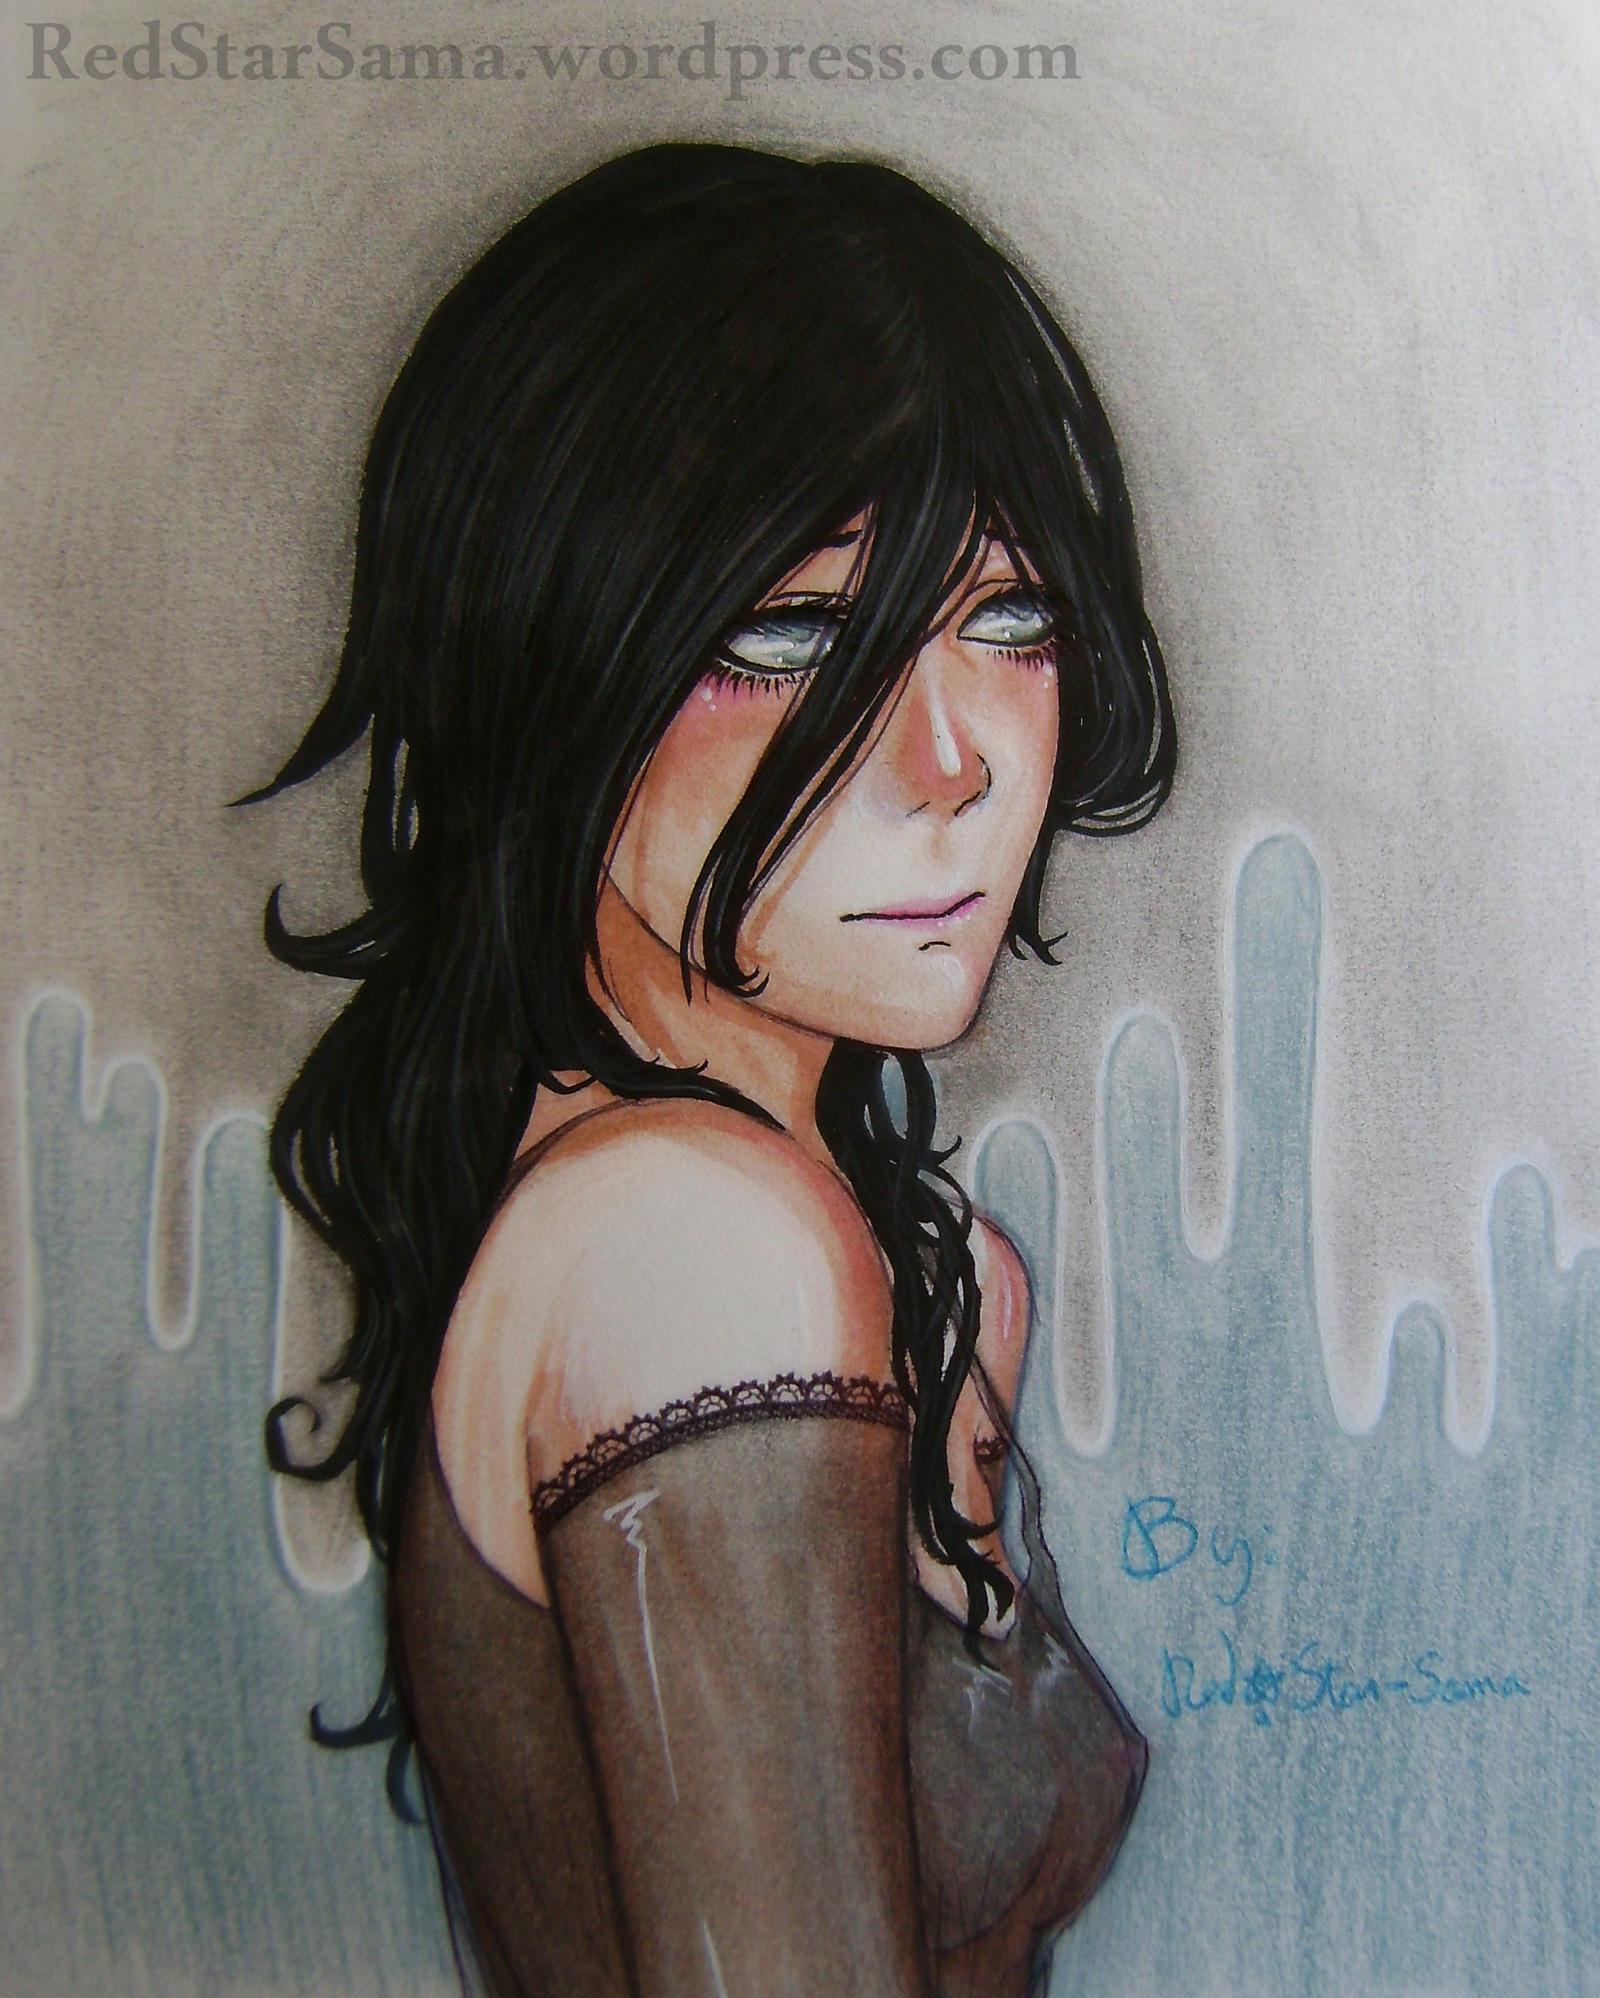 Random Girl by RedStar-Sama